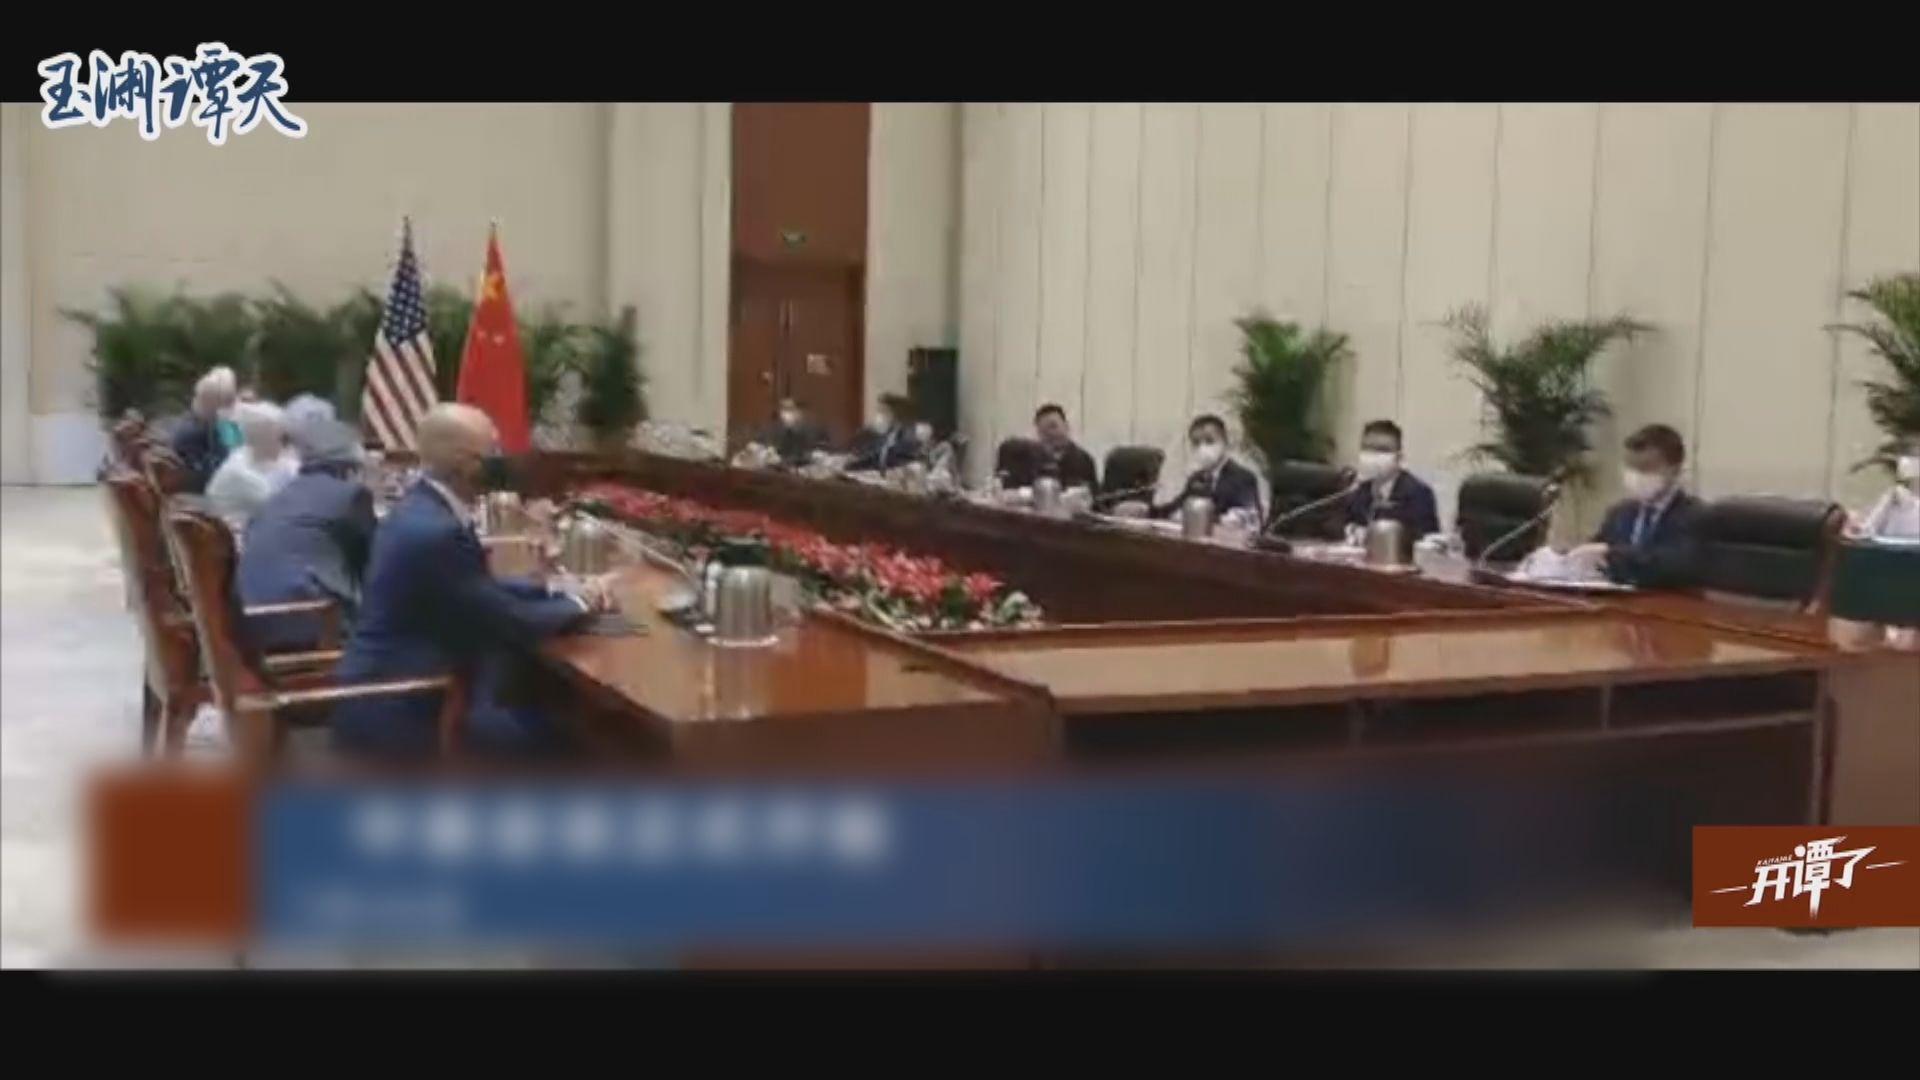 副外長謝鋒會晤美副國務卿舍曼 指中美關係陷僵局因美國有人把中國視作假想敵